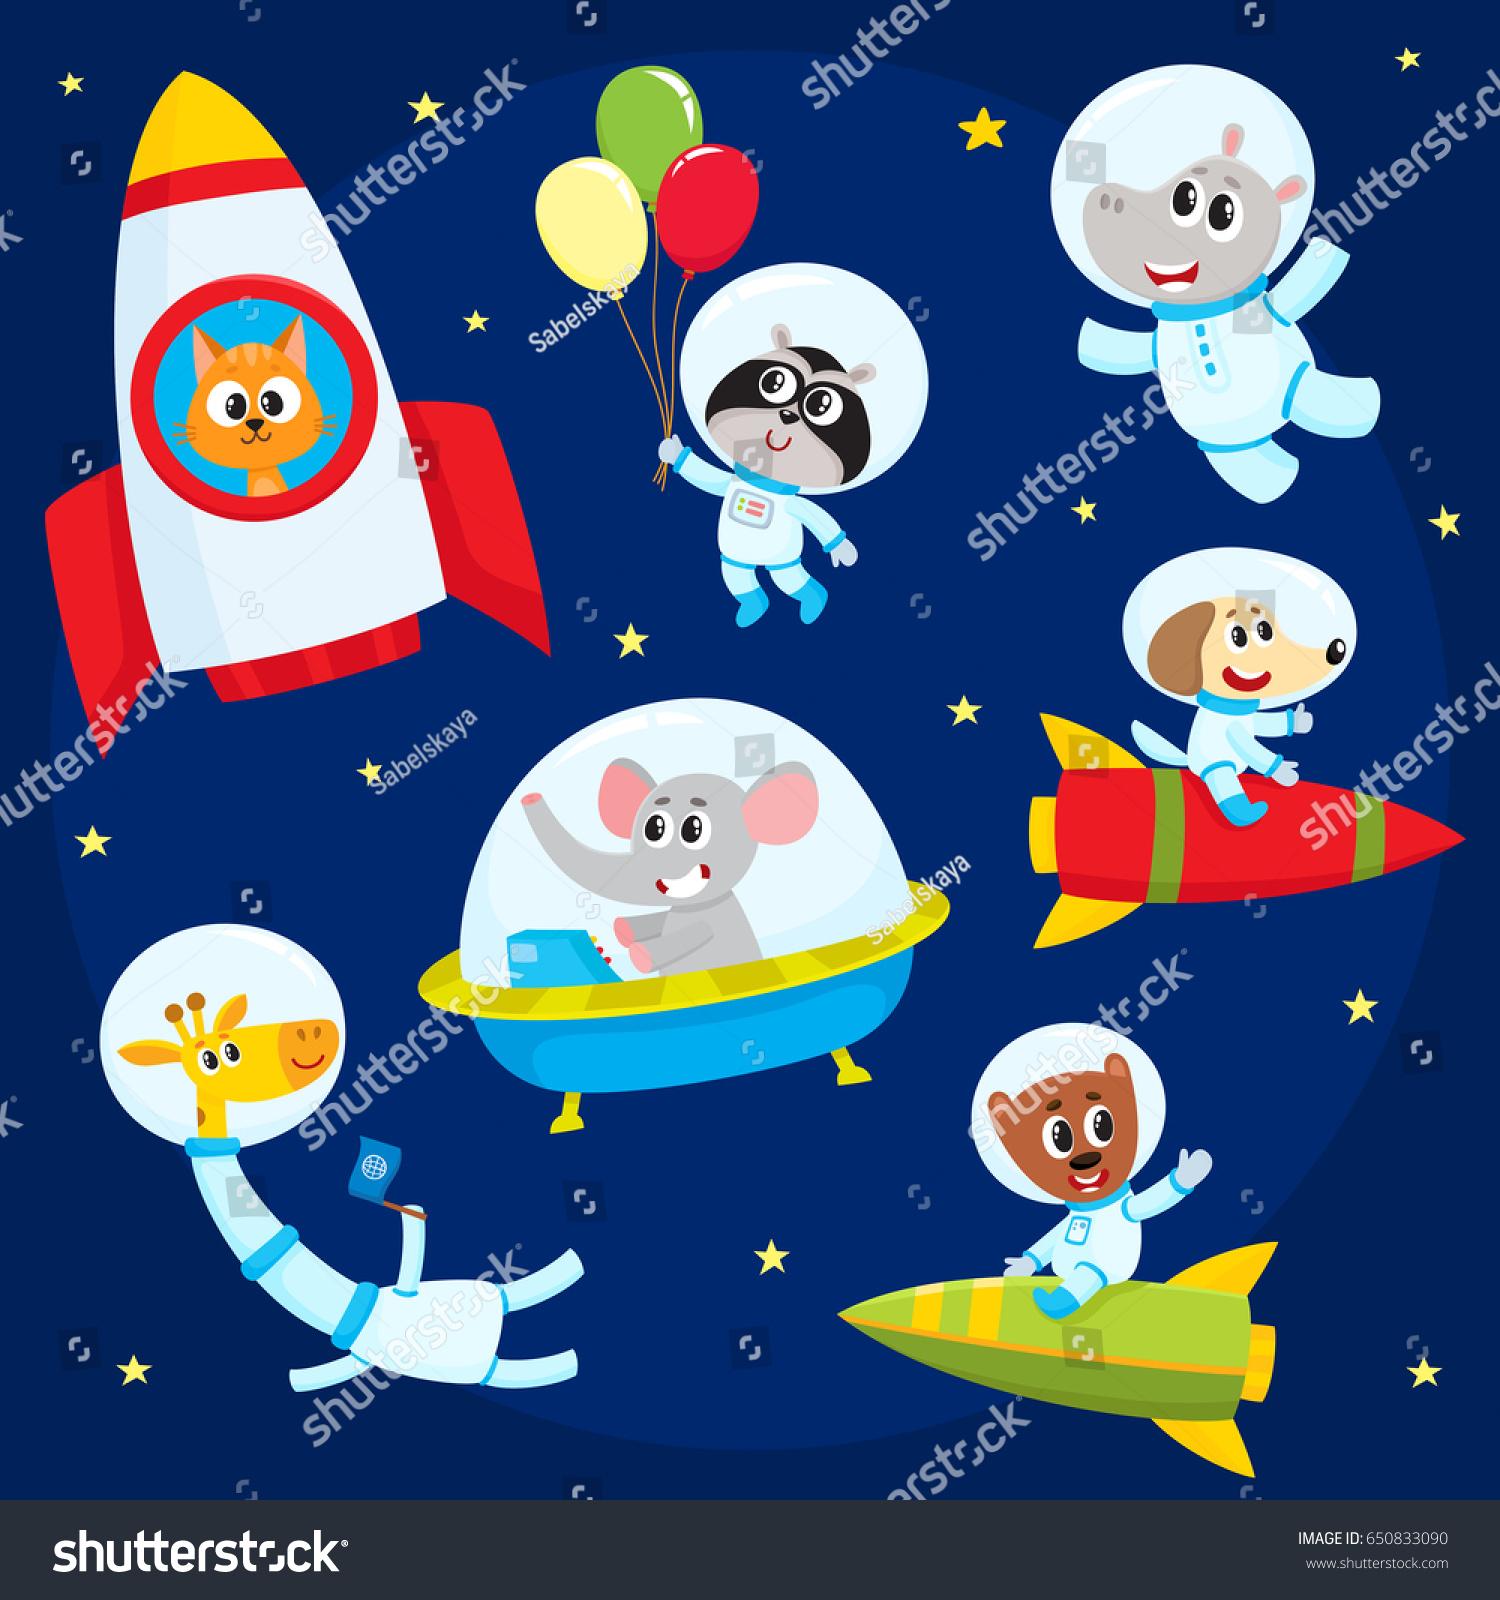 rocket space suit illustrations - photo #15